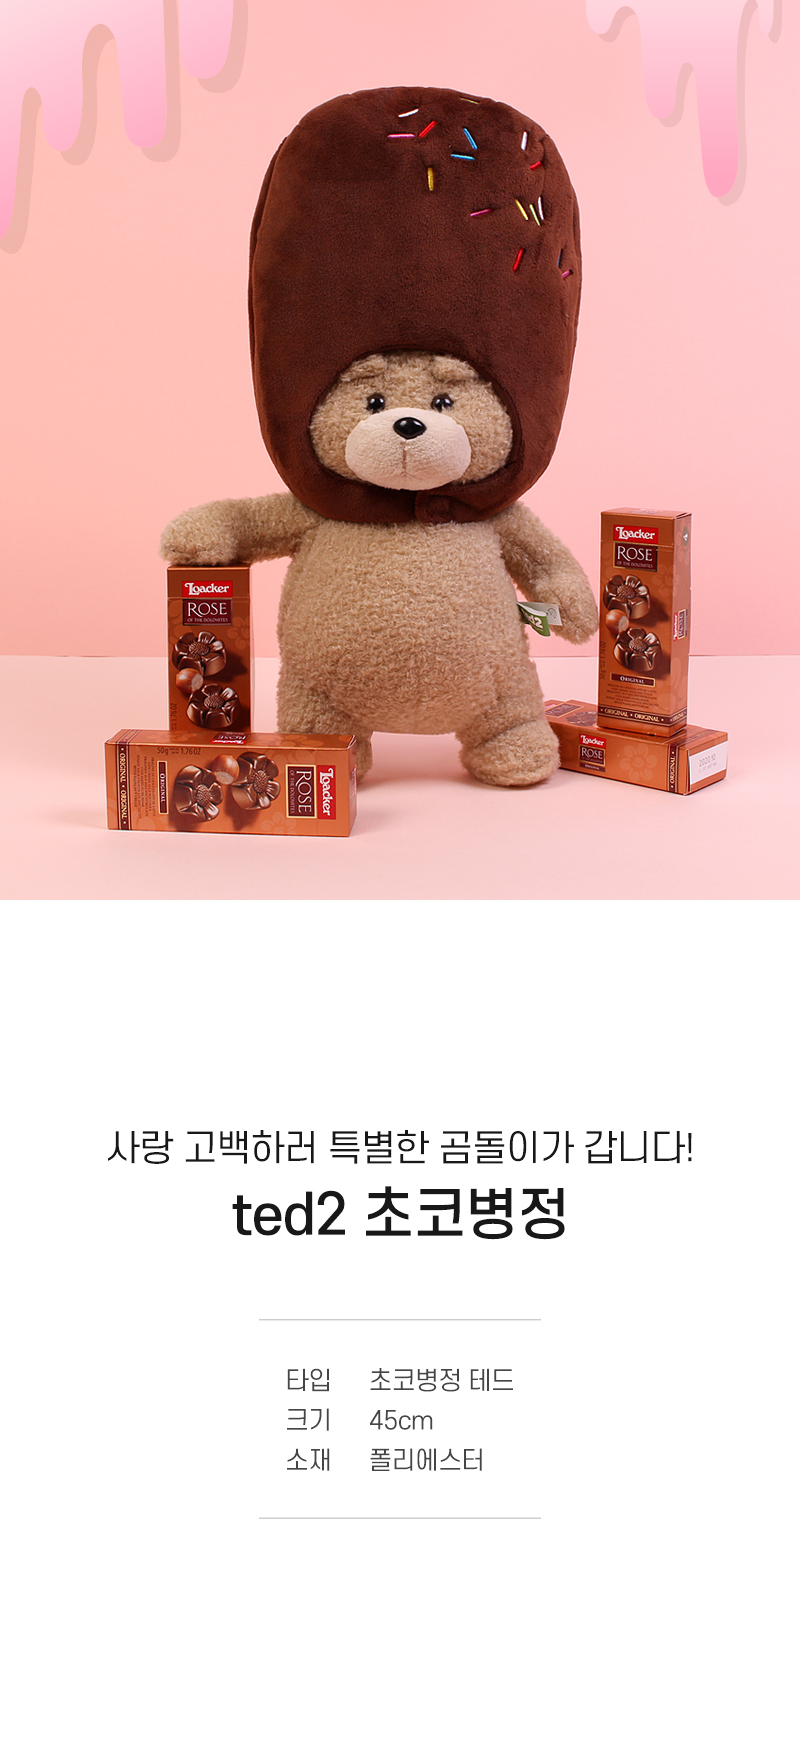 달달한 초코병정테드 + 로아커 로즈 초콜릿 - (주) 이젠크리에이션, 25,000원, 애니멀인형, 곰 인형